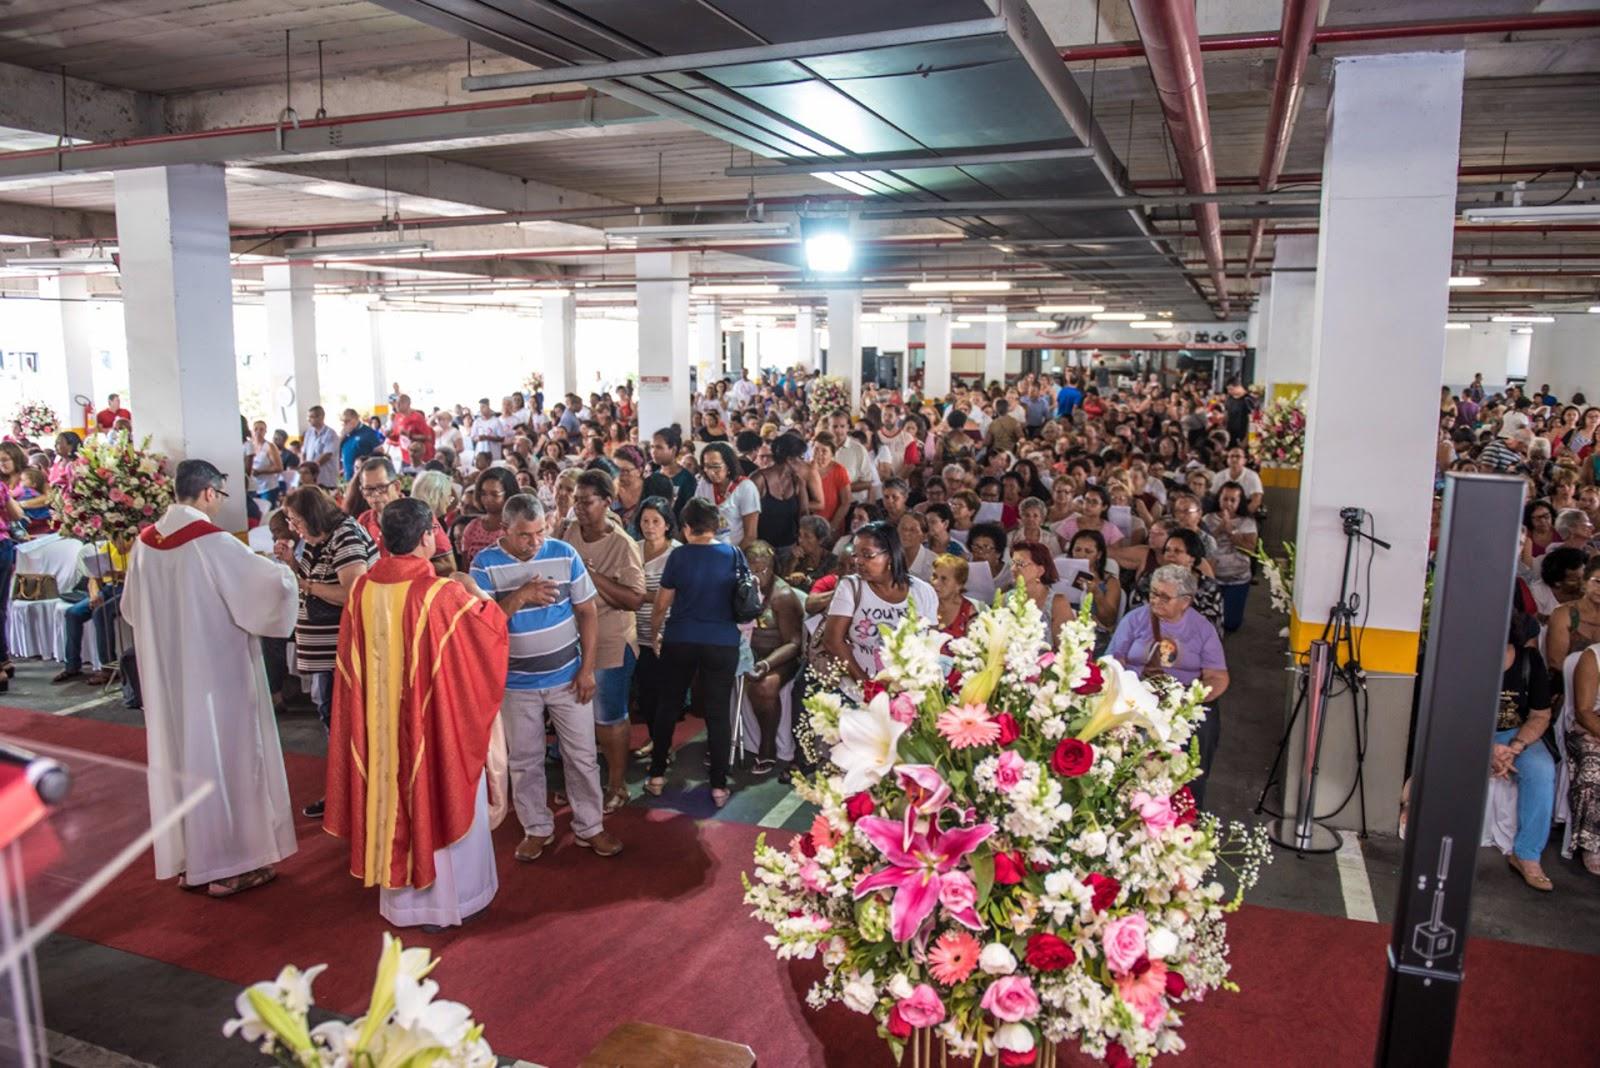 24e378ad9e A cerimônia é realizada no empreendimento há mais de 20 anos e já uma  tradição na Baixada Fluminense, por conta do grande número de fiéis na  região. Em ...